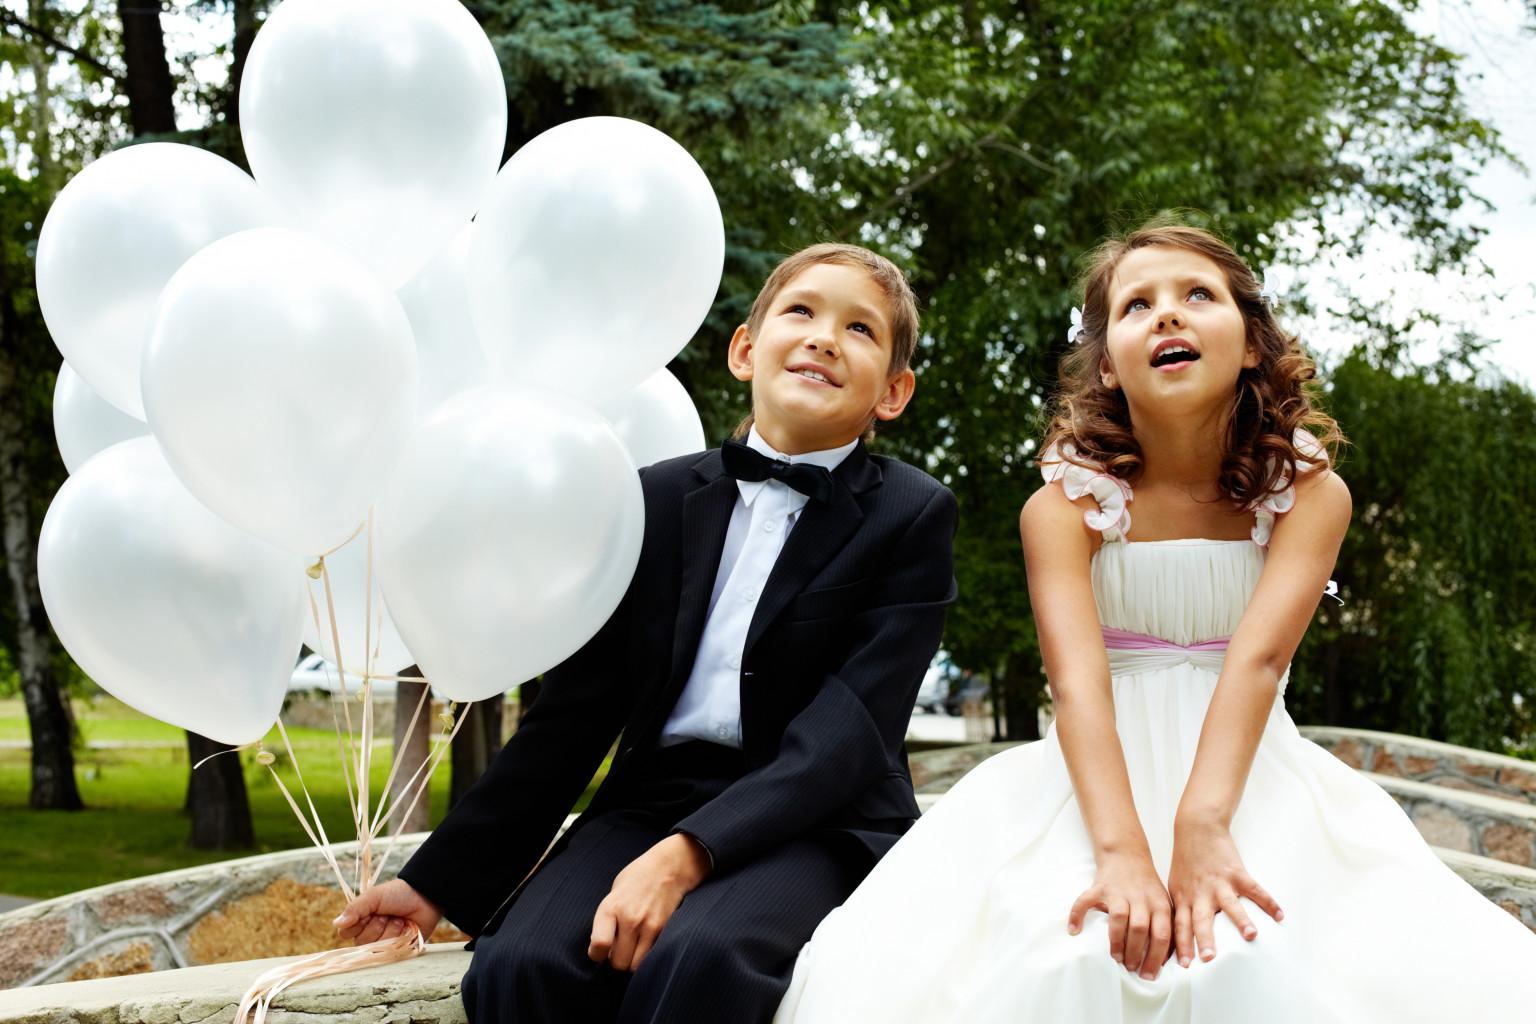 O Kids At Wedding Facebook